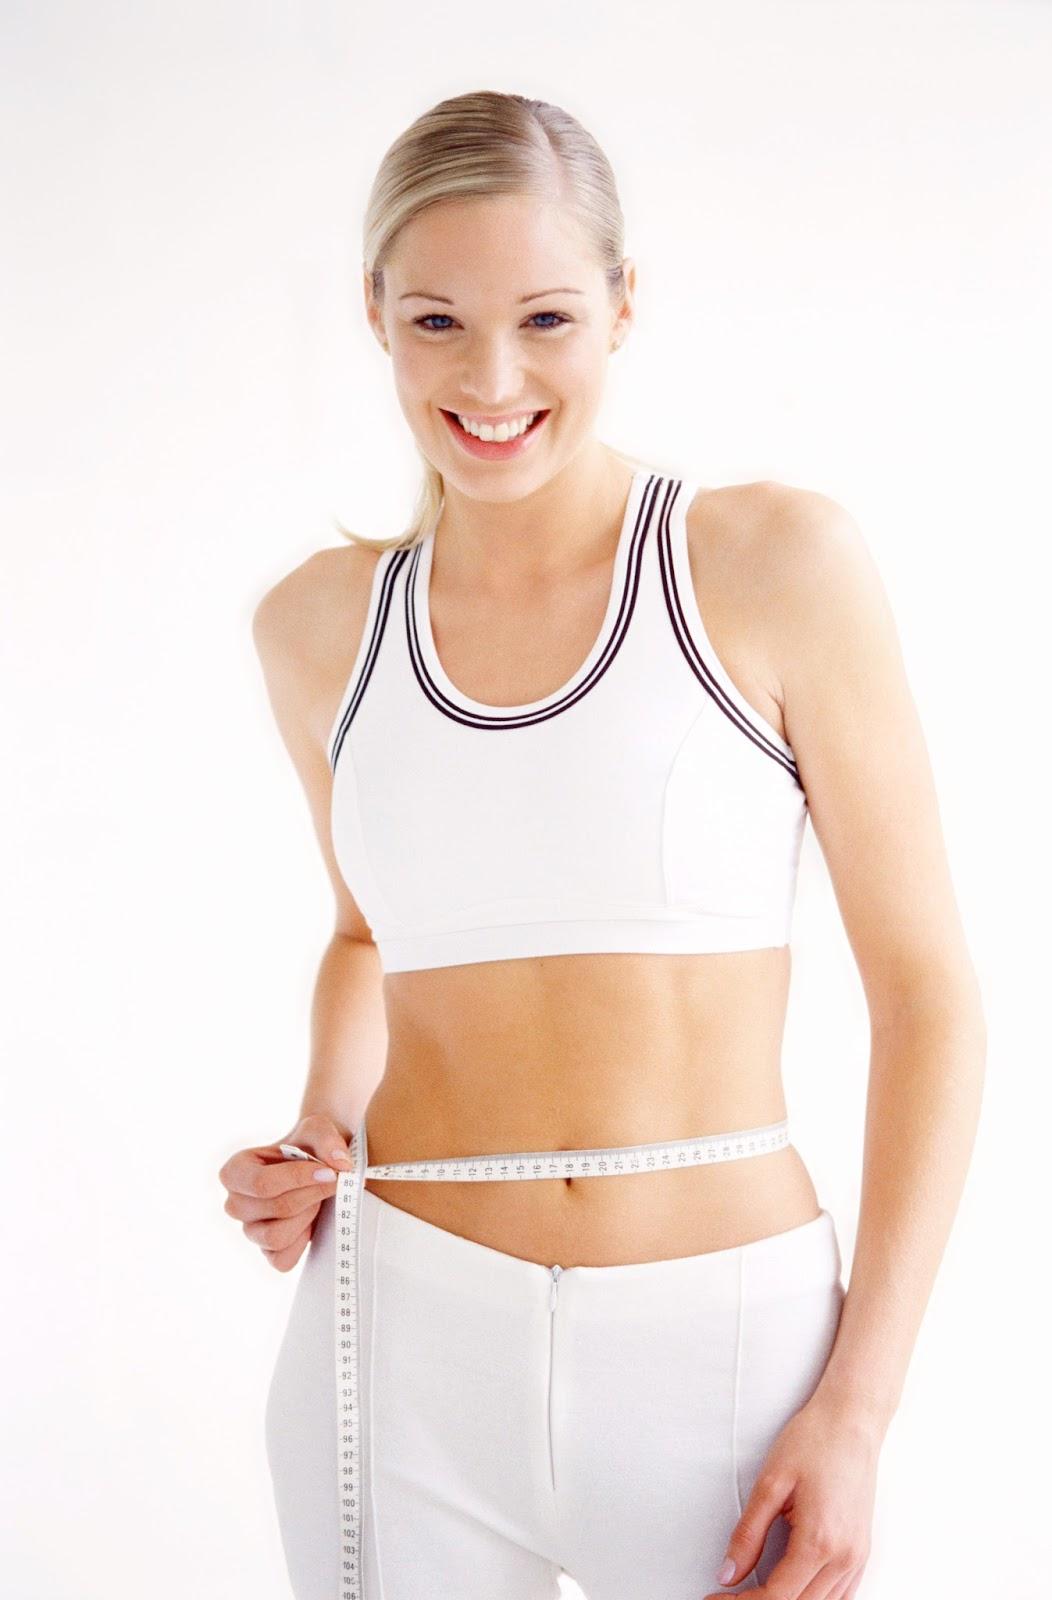 как похудеть психологически